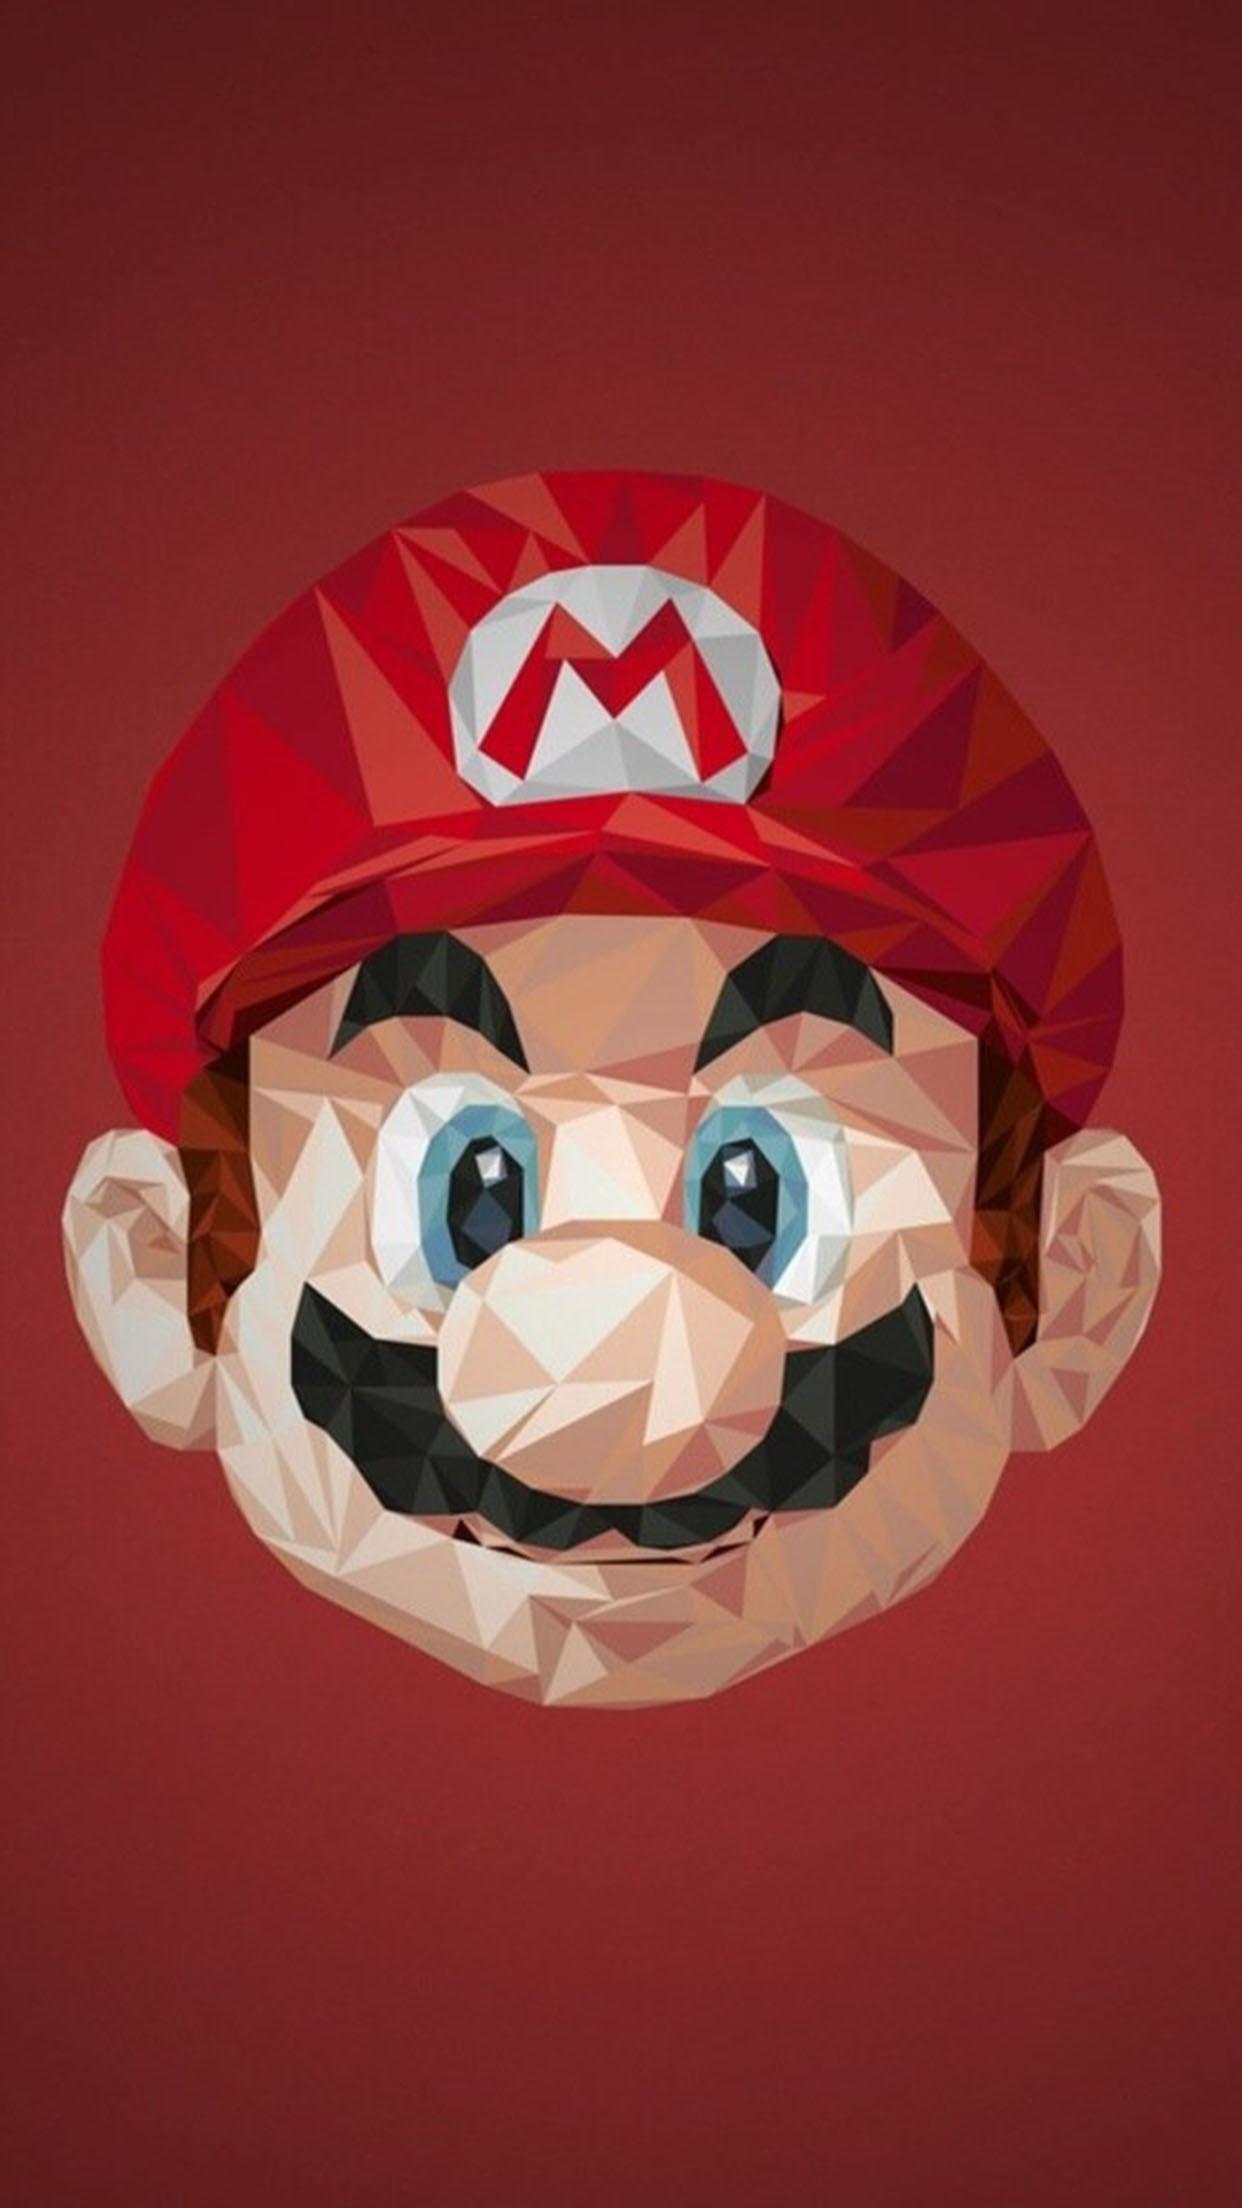 Mario Mario 1 3Wallpapers iPhone Parallax Mario 1